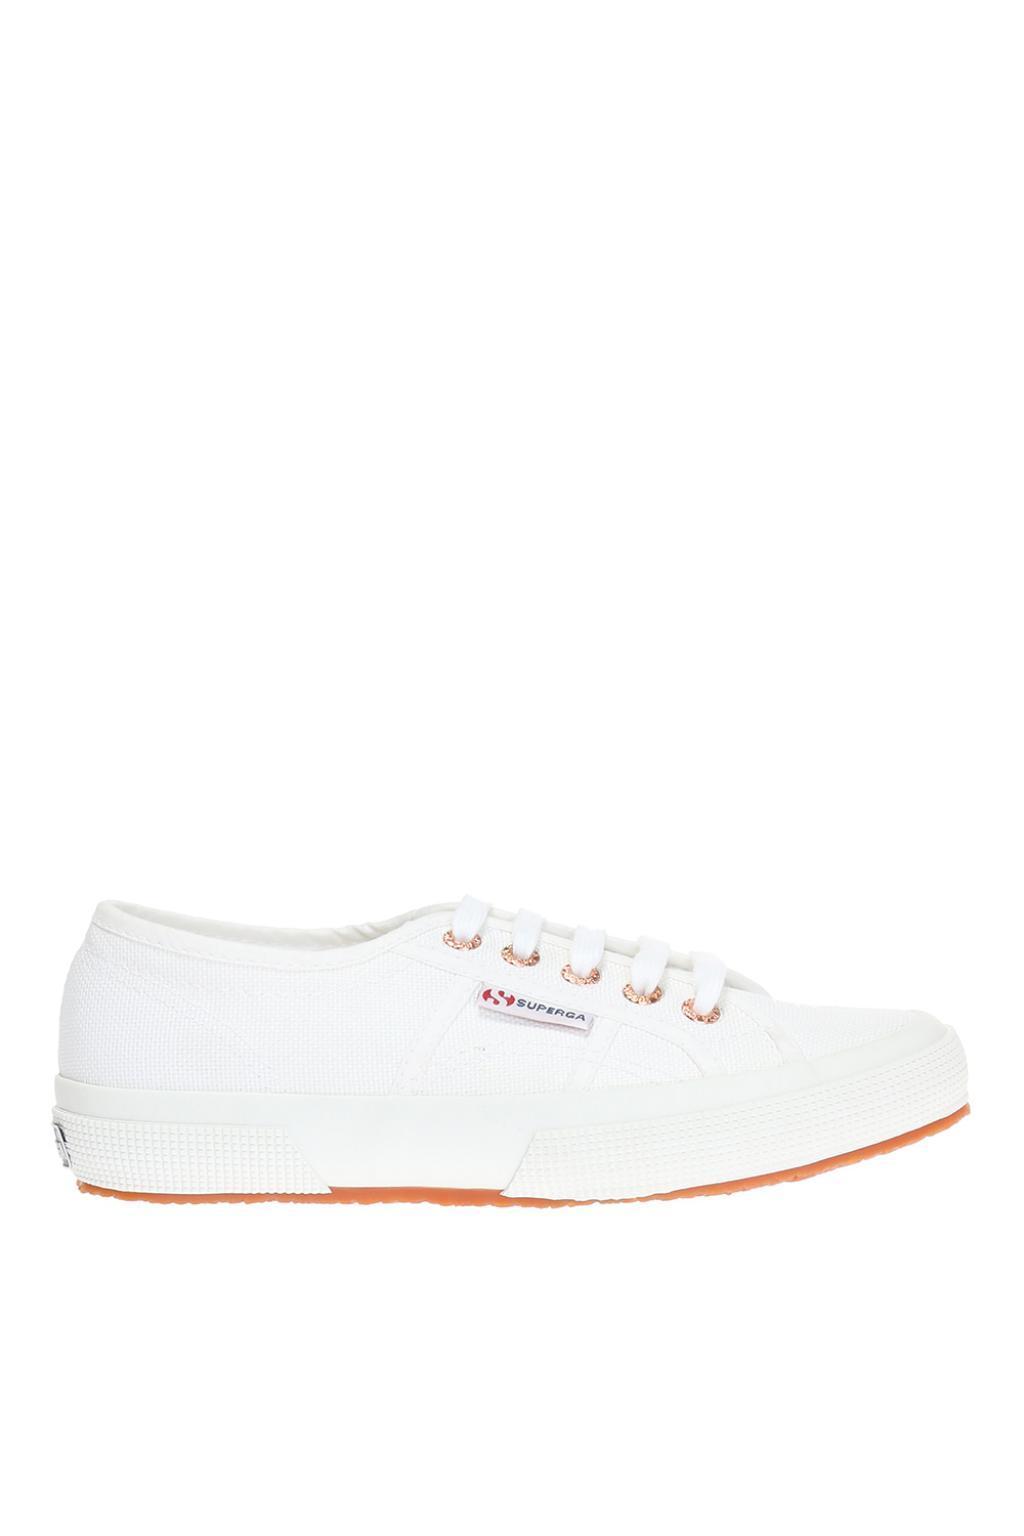 74a2ff071f40 Lyst - Superga  cotu Classic  Sneakers in White